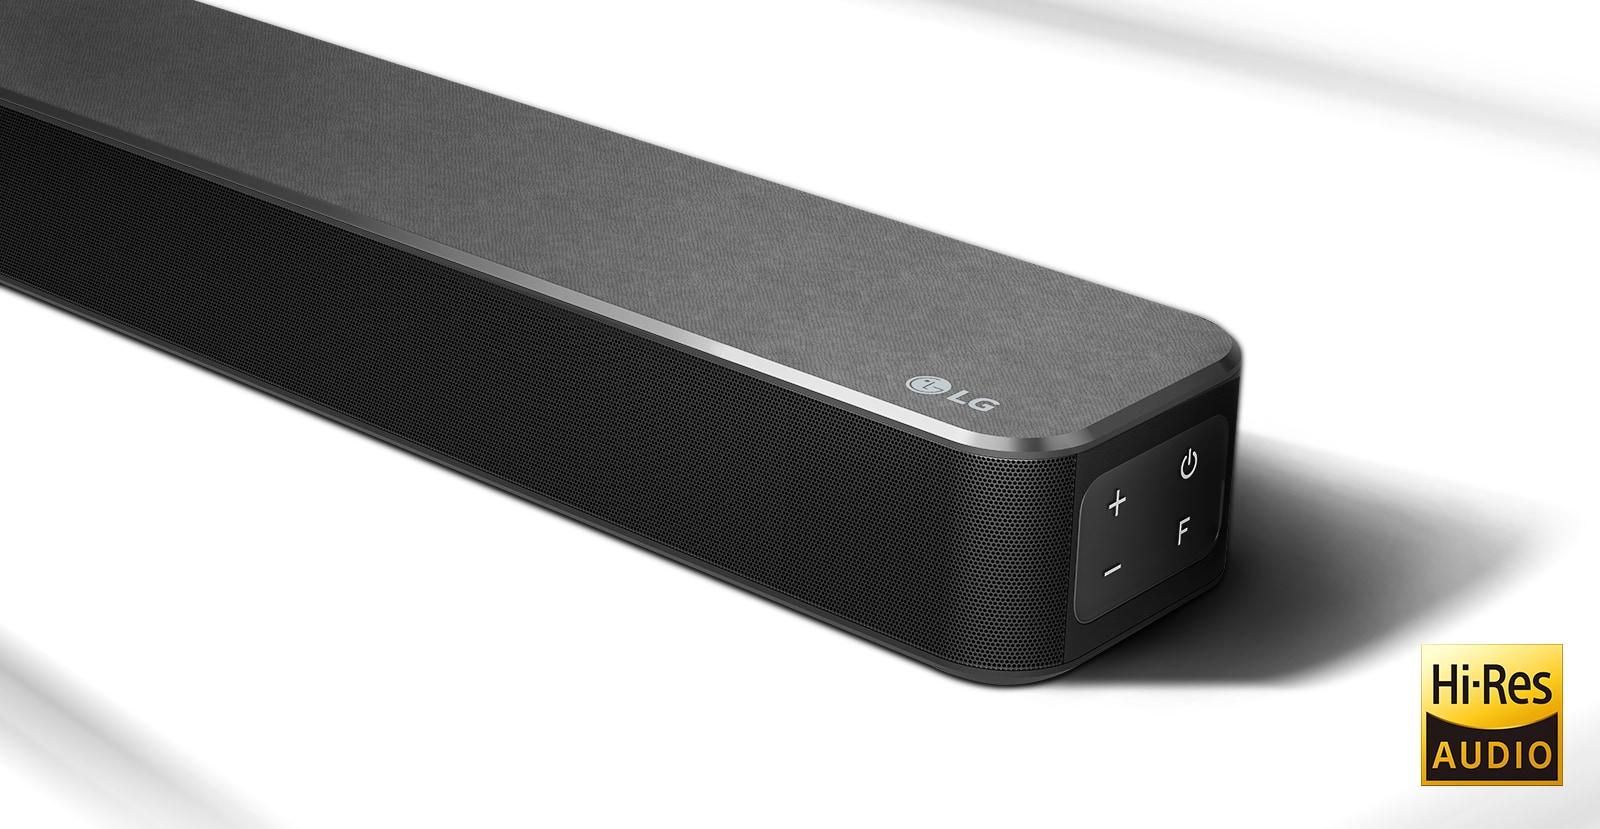 Ráközelítés az LG hangprojektor jobb oldalára; az LG logó a jobb alsó sarokban látható. A Hi-Res logó a termék alatt látható.